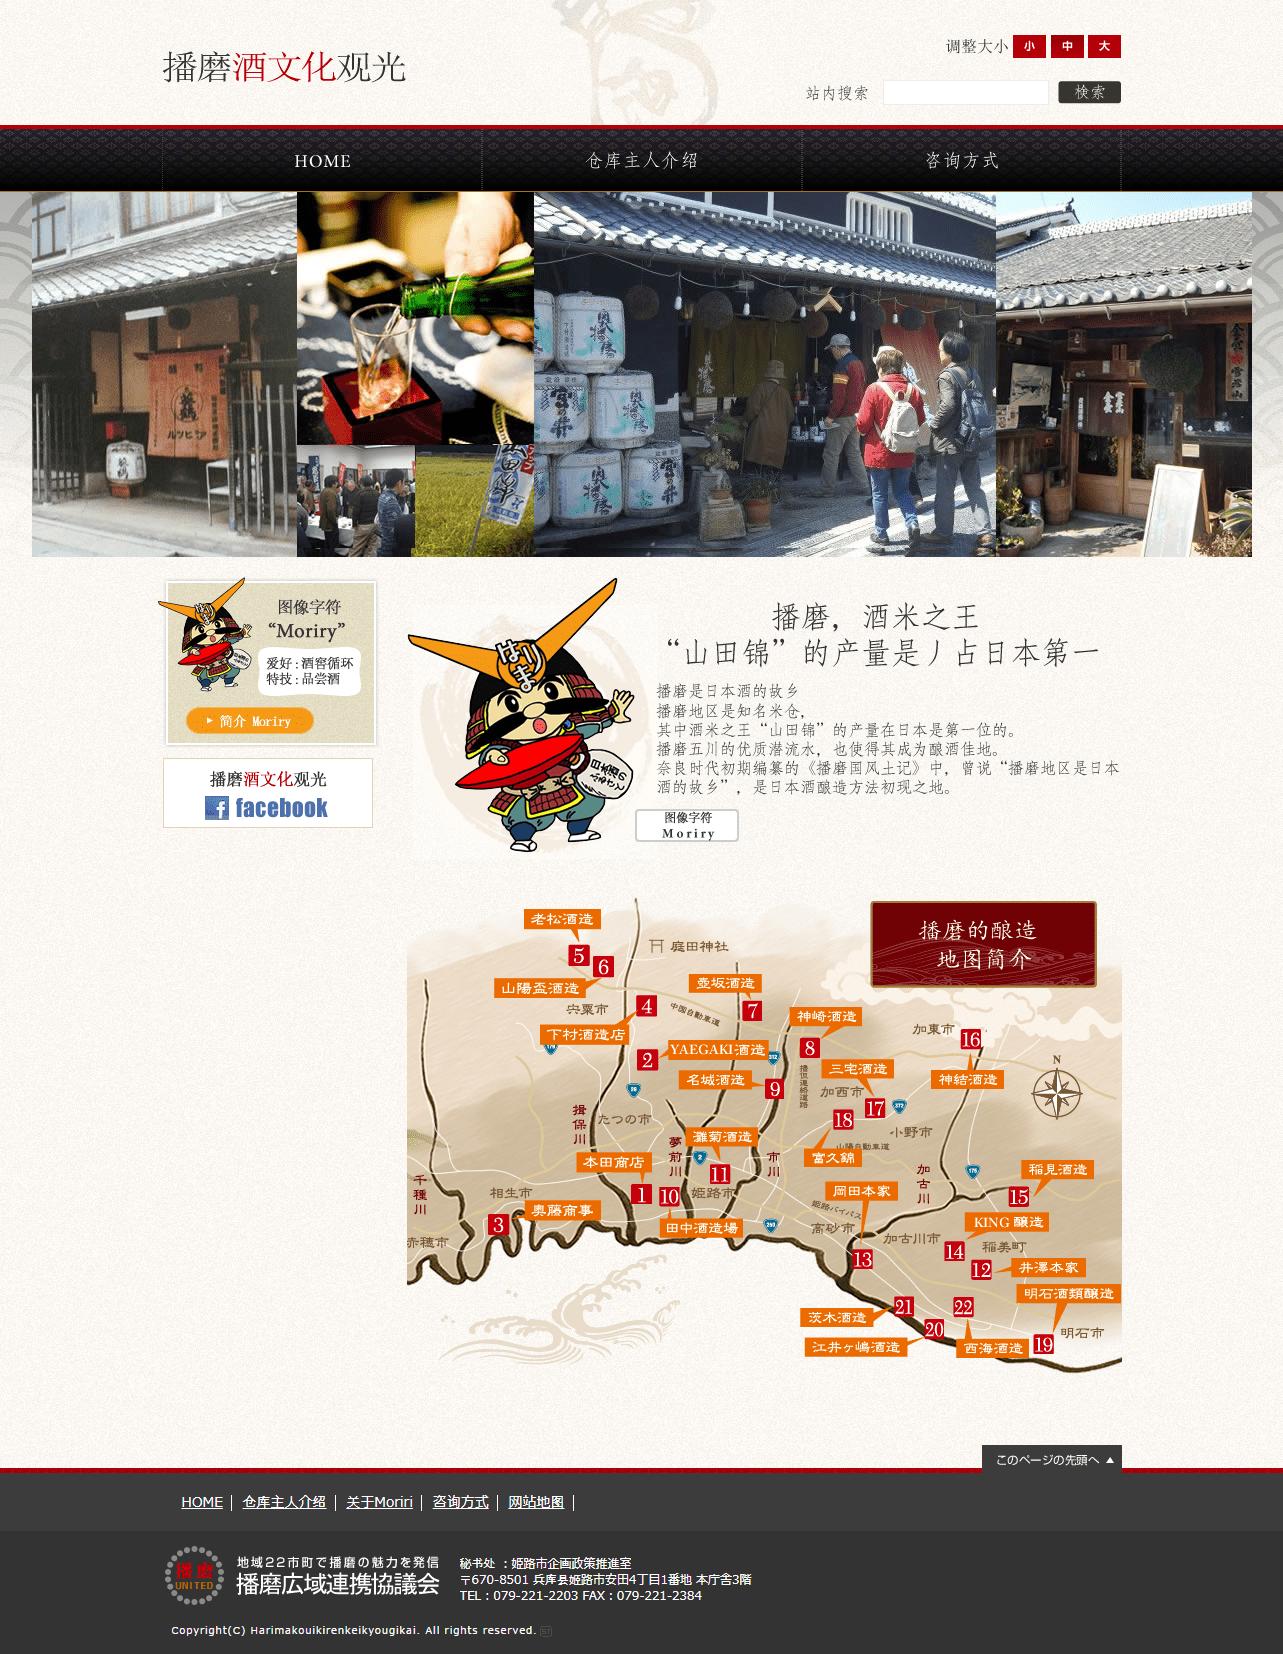 姫路市 播磨広域連携協議会 はりま酒文化ツーリズム 中国語サイト1